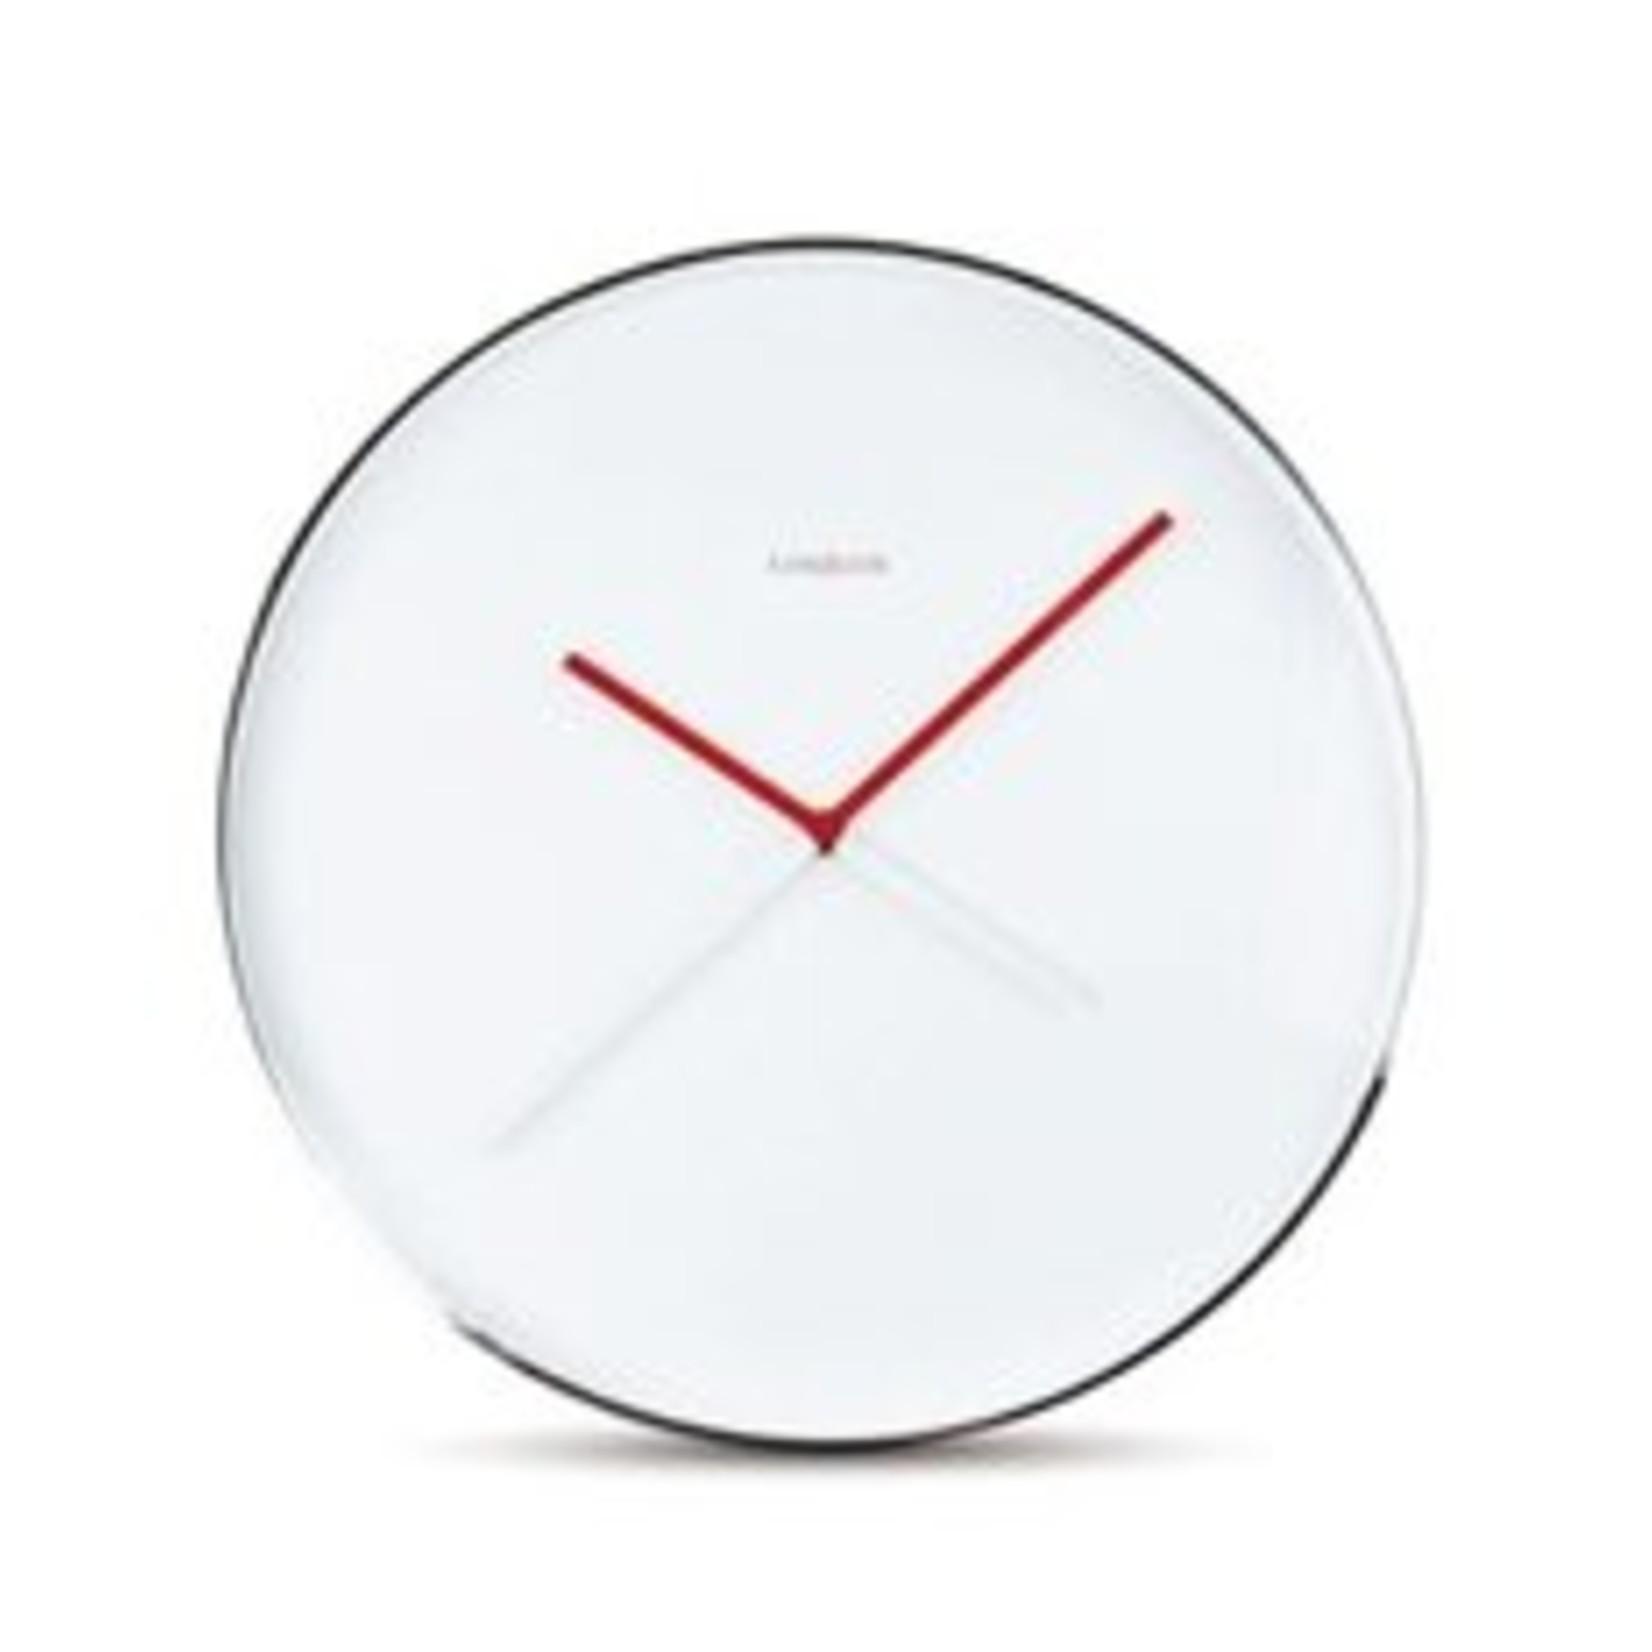 Karlsson Design klok Symmetry van designer Viktor Harmens. De klok heeft 2 rode en 2 witte wijzer die gelijk lopen.